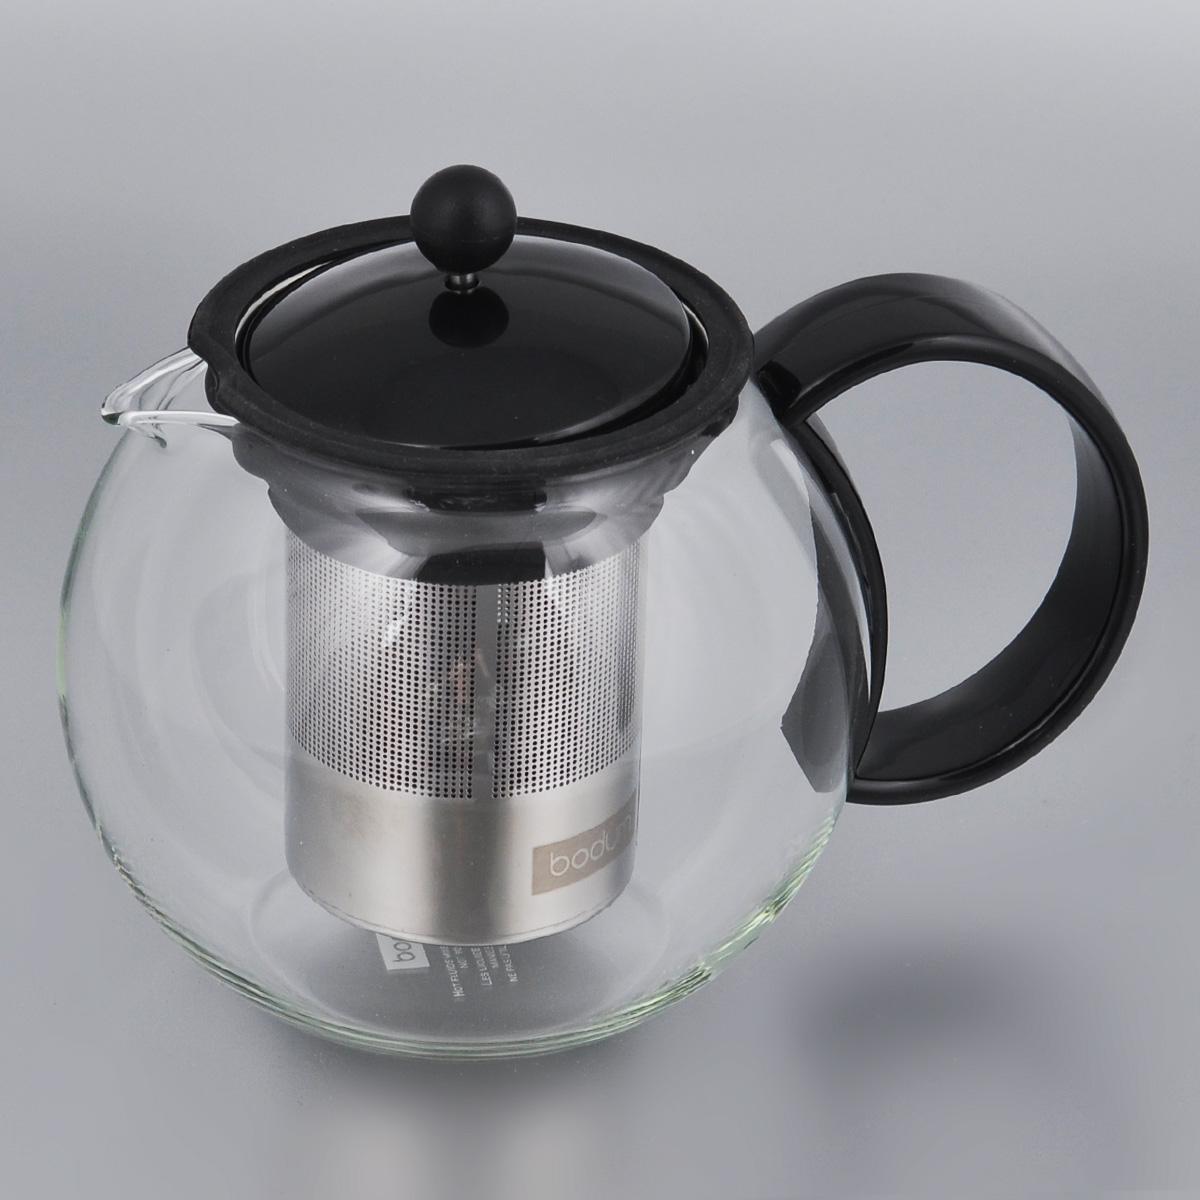 Френч-пресс Bodum Assam, 1 л. 1805-011805-01Заварочный чайник Bodum Assam выполнен из термостойкого стекла. Чайник оснащен фильтром-сеткой и прессом, выполненными из нержавеющей стали и пластика. Засыпая чайную заварку в фильтр-сетку и заливая ее горячей водой, вы получаете ароматный чай с оптимальной крепостью и насыщенностью. Остановить процесс заварки чая легко. Для этого нужно просто опустить поршень, и заварка уйдет вниз, оставляя вверху напиток, готовый к употреблению. Чайник снабжен крышкой и удобной ручкой. Заварочный чайник Bodum Assam займет достойное место на вашей кухне и позволит вам заварить свежий, ароматный чай.Можно мыть в посудомоечной машине. Диаметр чайника (по верхнему краю): 9 см.Высота чайника (без учета крышки): 12,5 см.